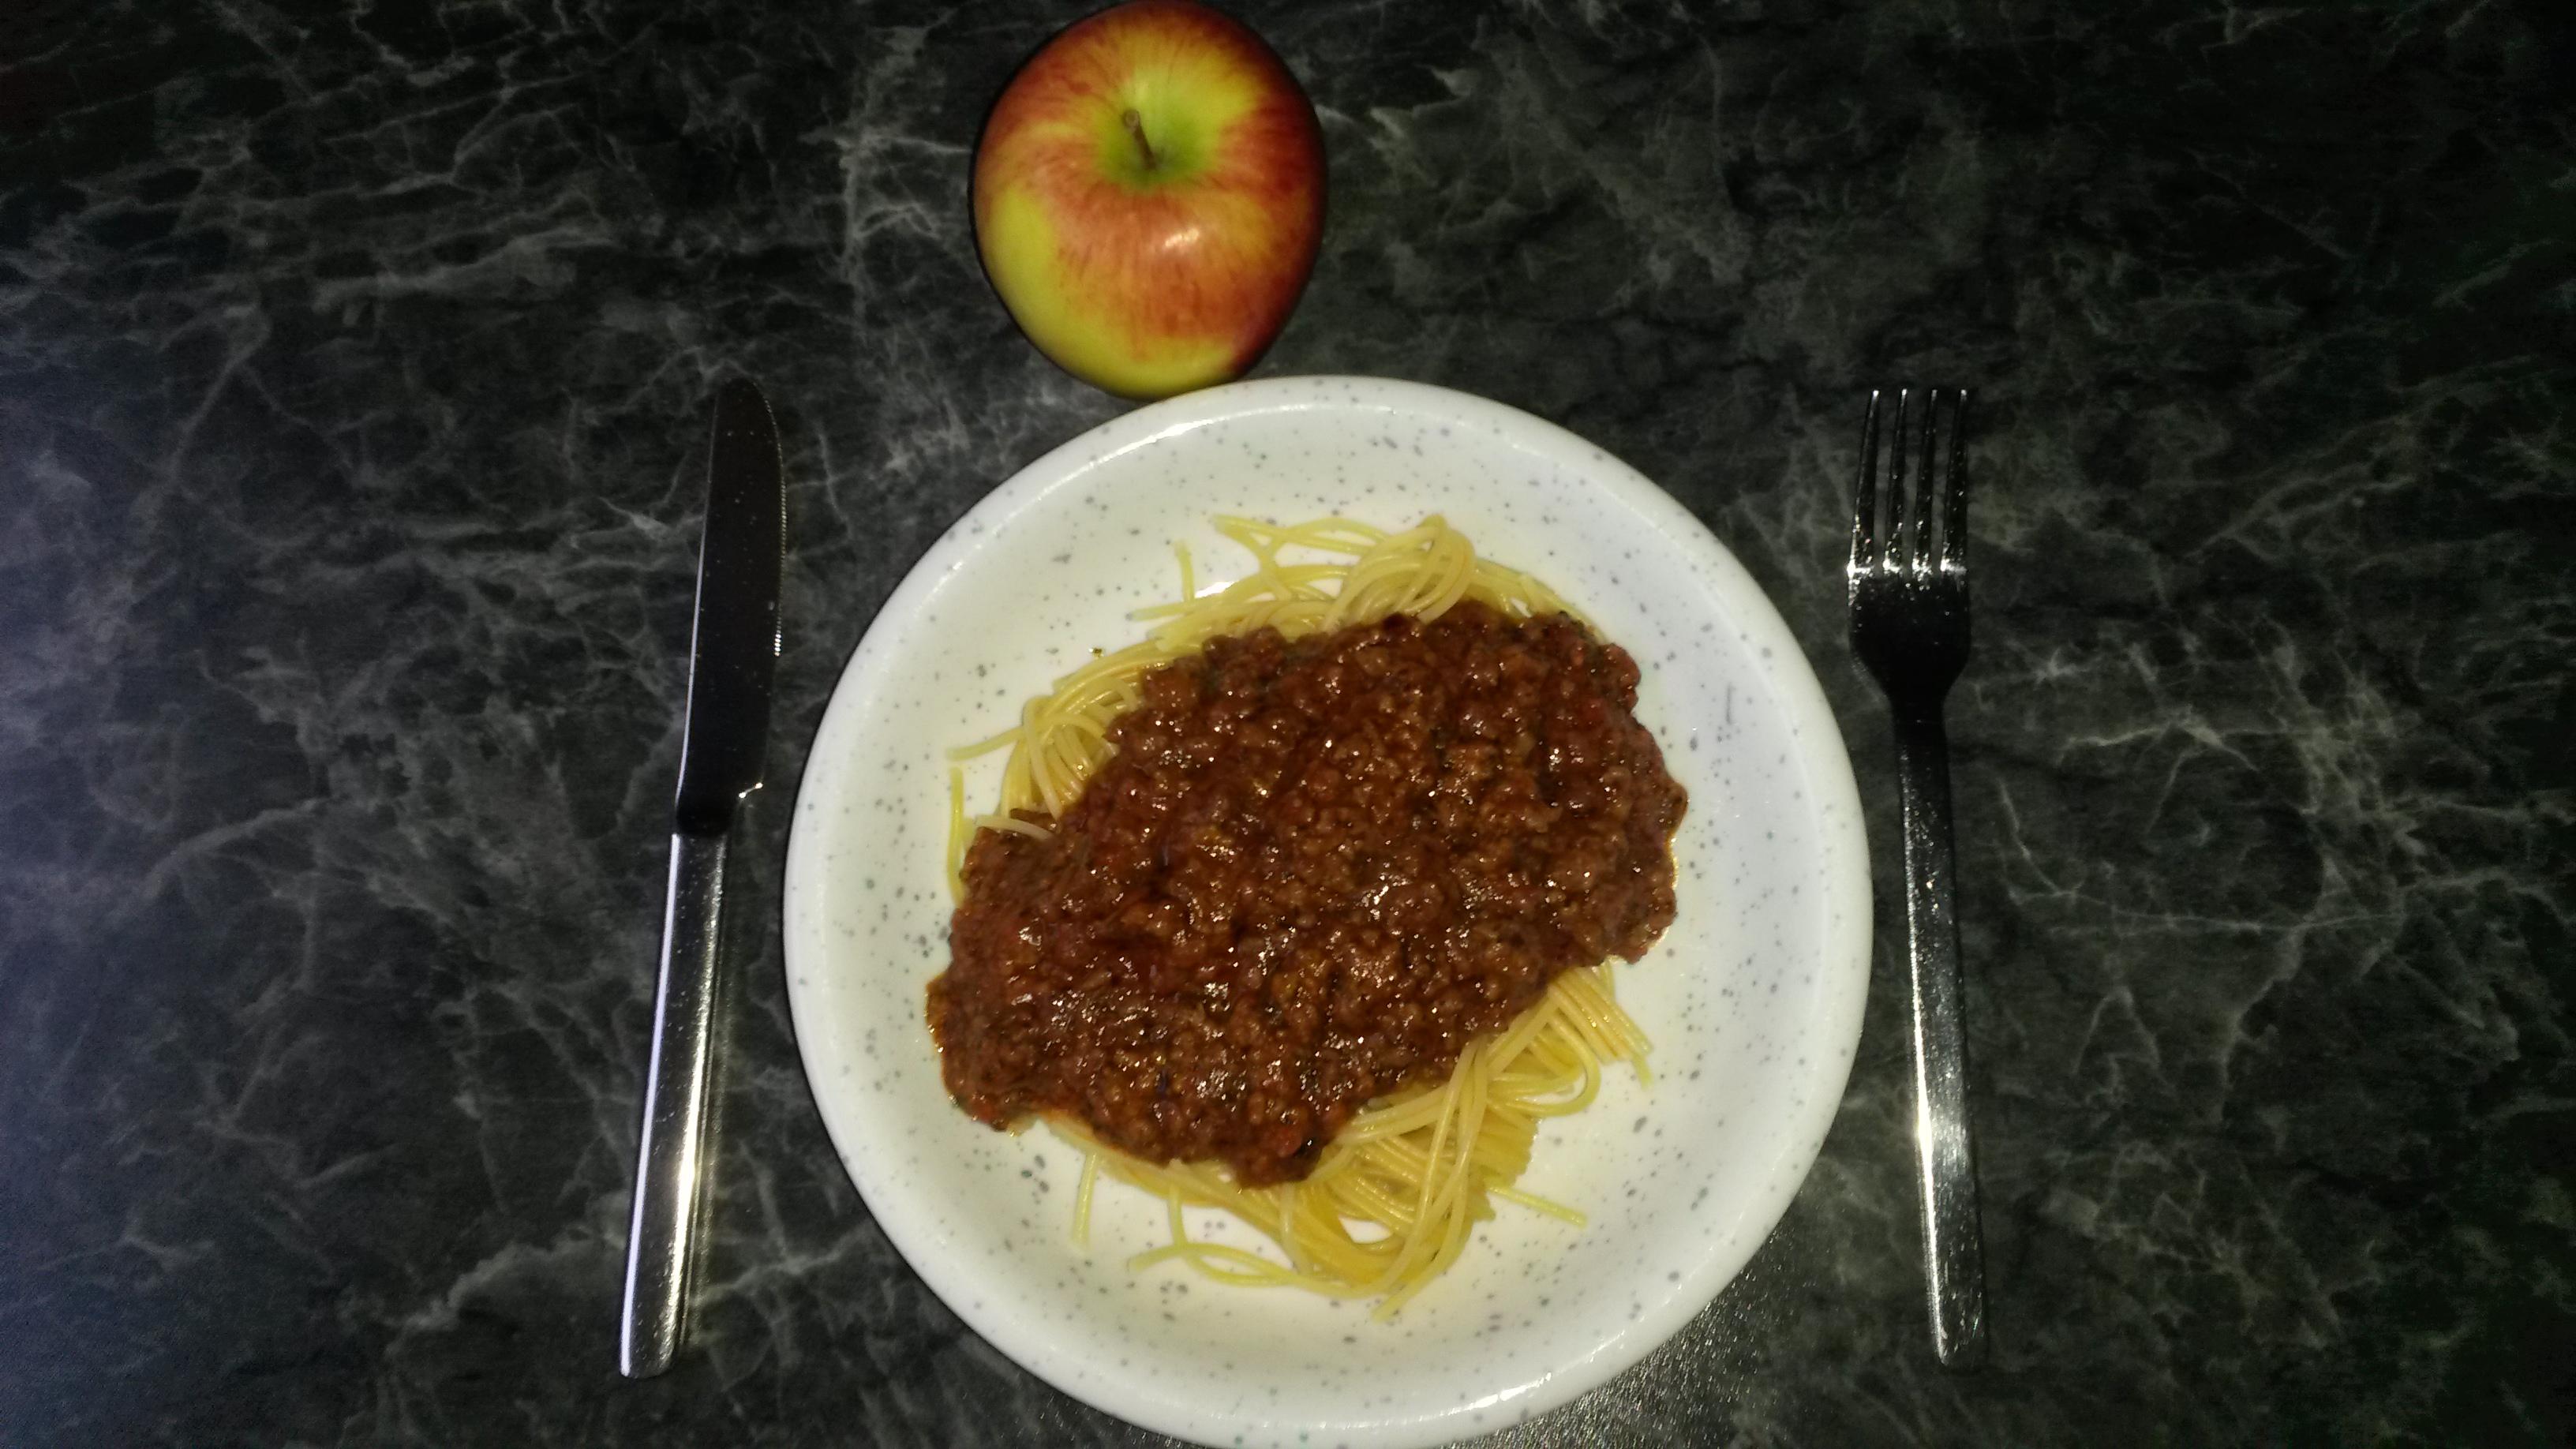 https://foodloader.net/sk0r_2014-08-08_Spaghetti_Bolognese_und_Braeburn.jpg